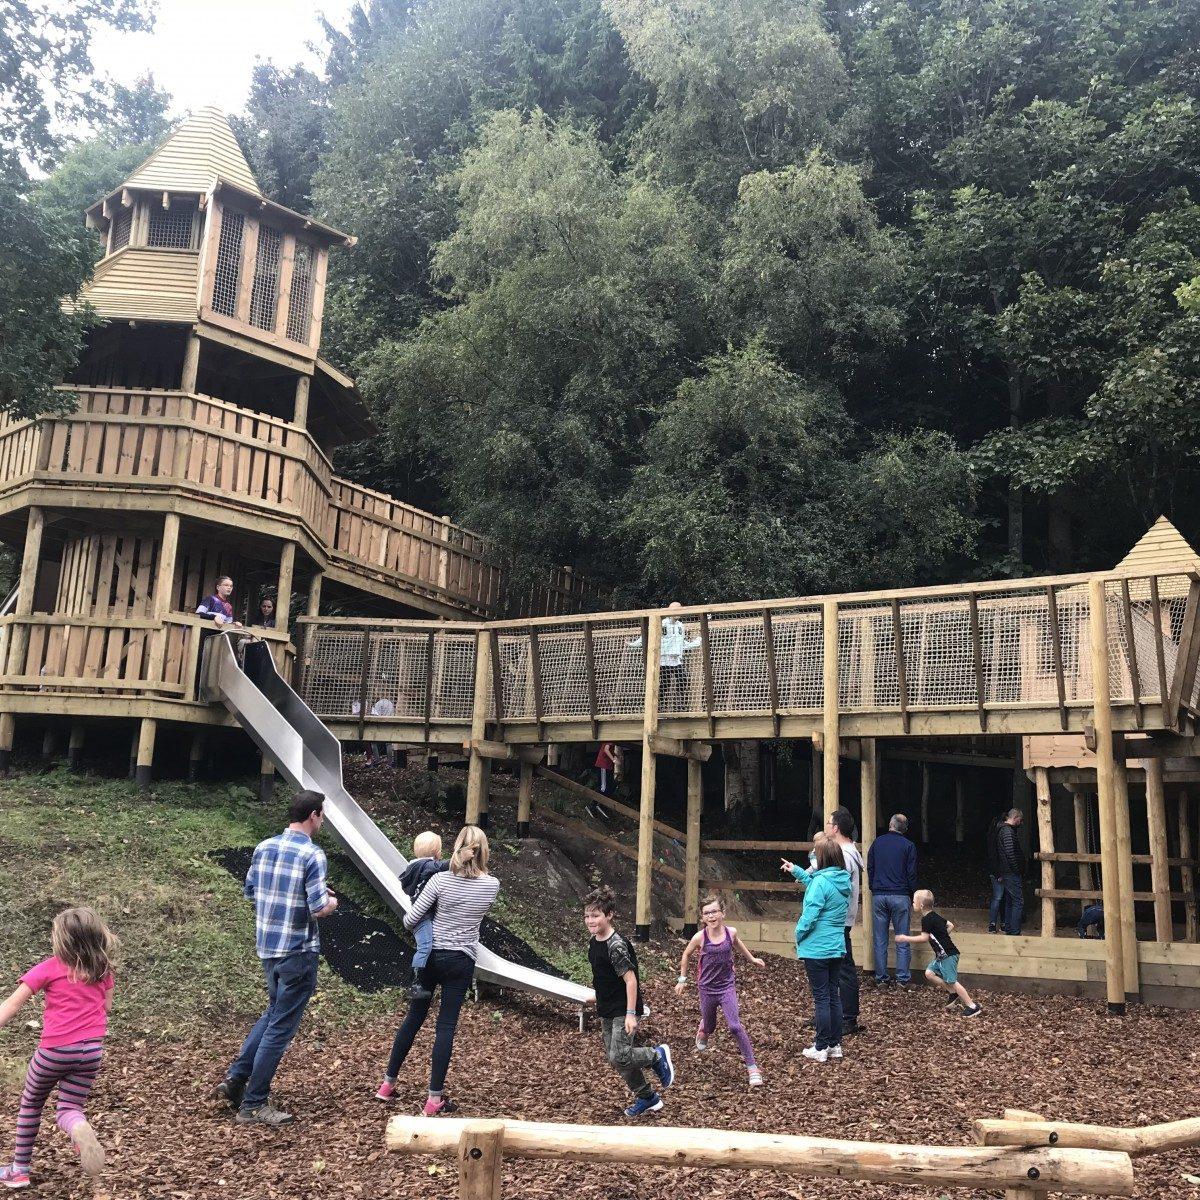 Modern Playground Park